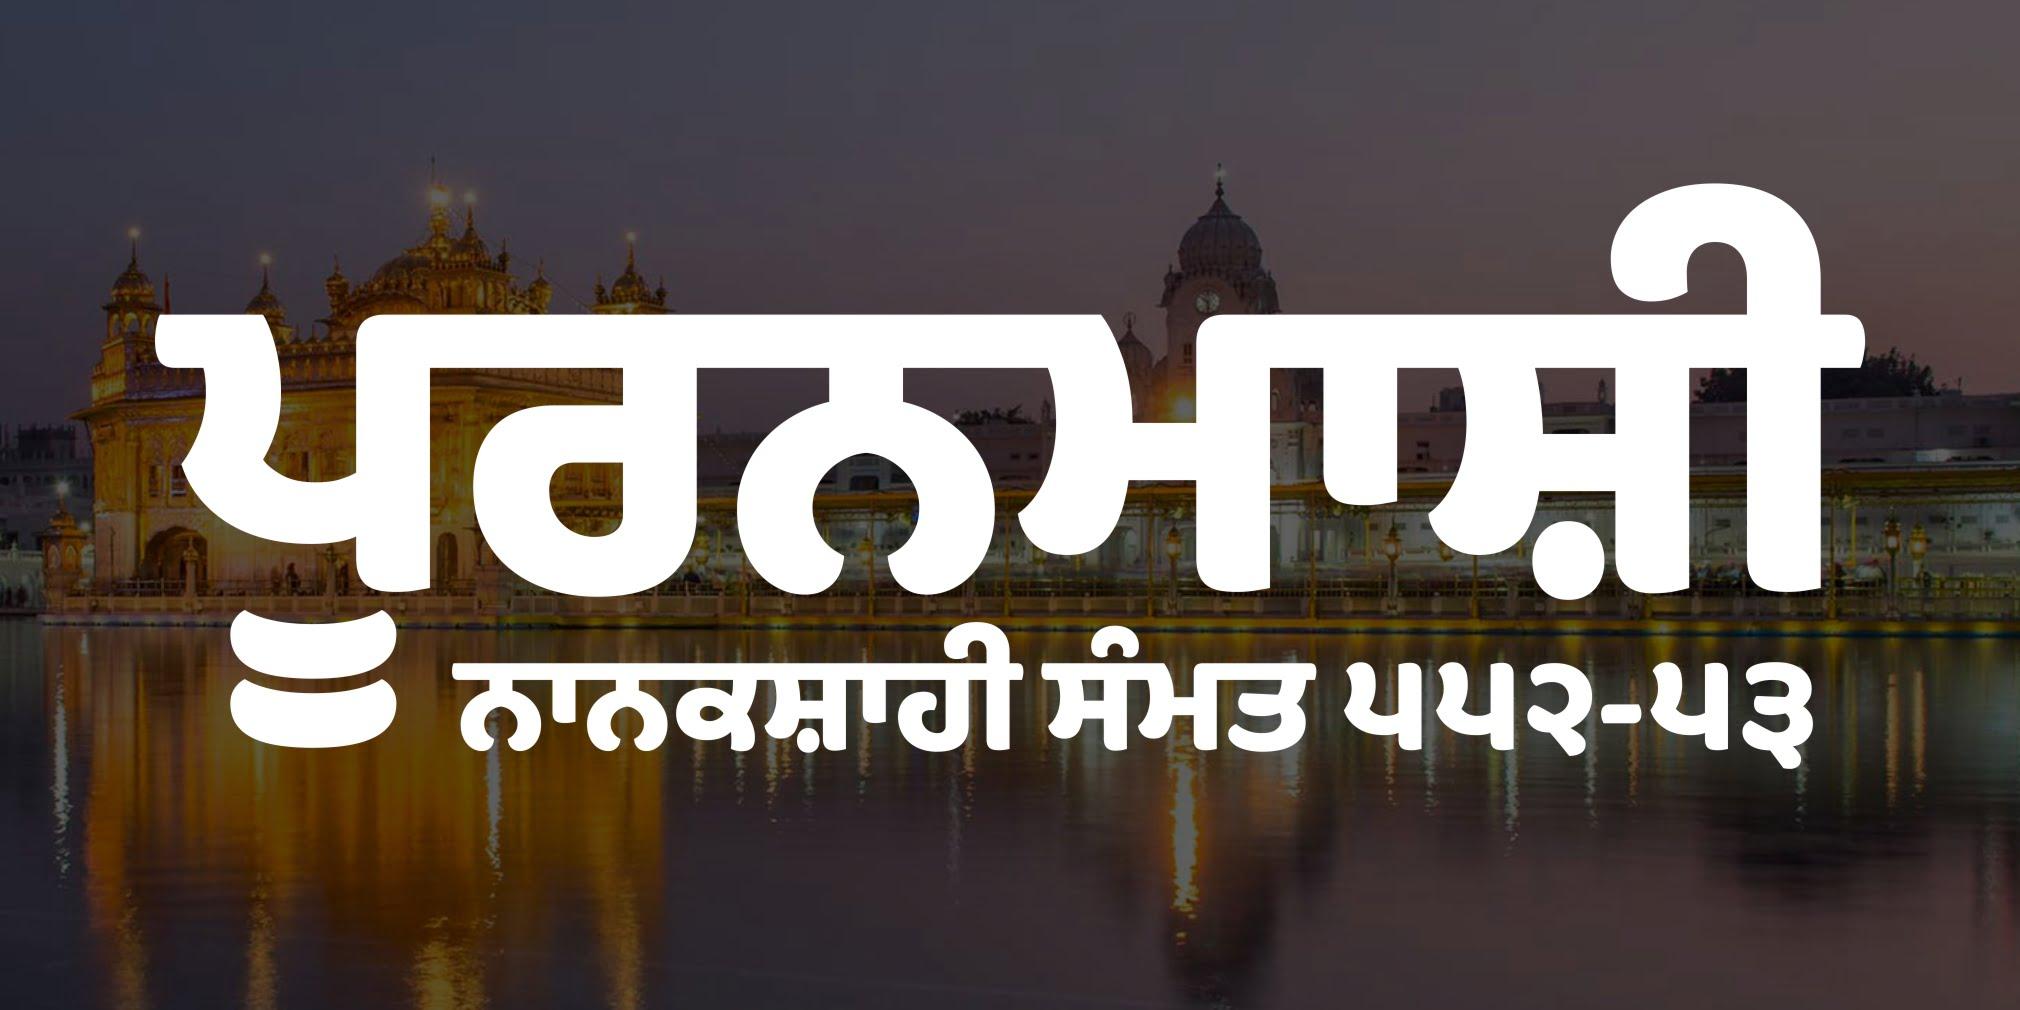 Puranmashi-Dates-2021-Nanakshahi-Calendar-Puranmashi-–-Dhansikhi